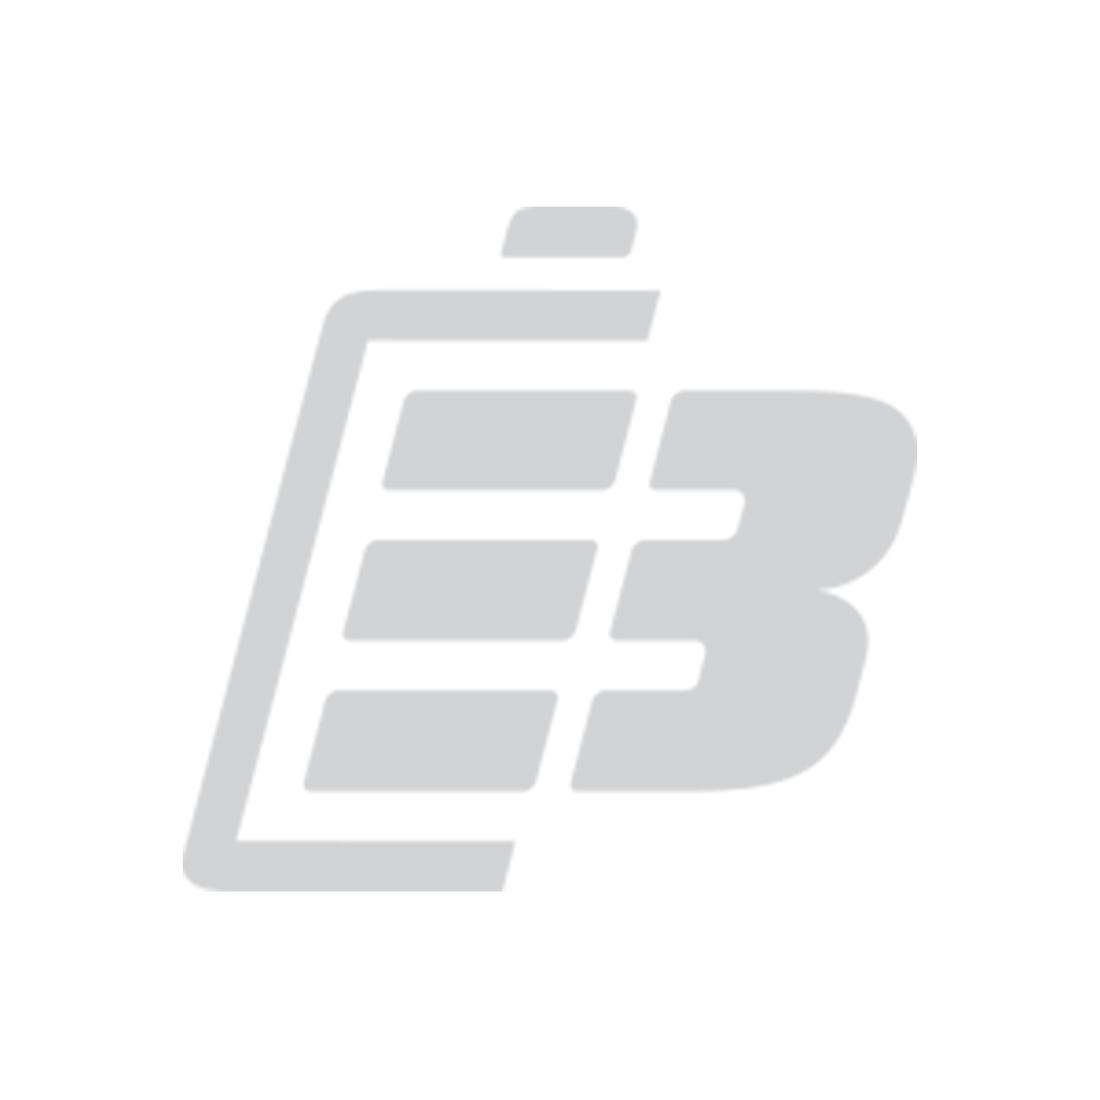 Two-Way radio battery Kenwood PB-32_1